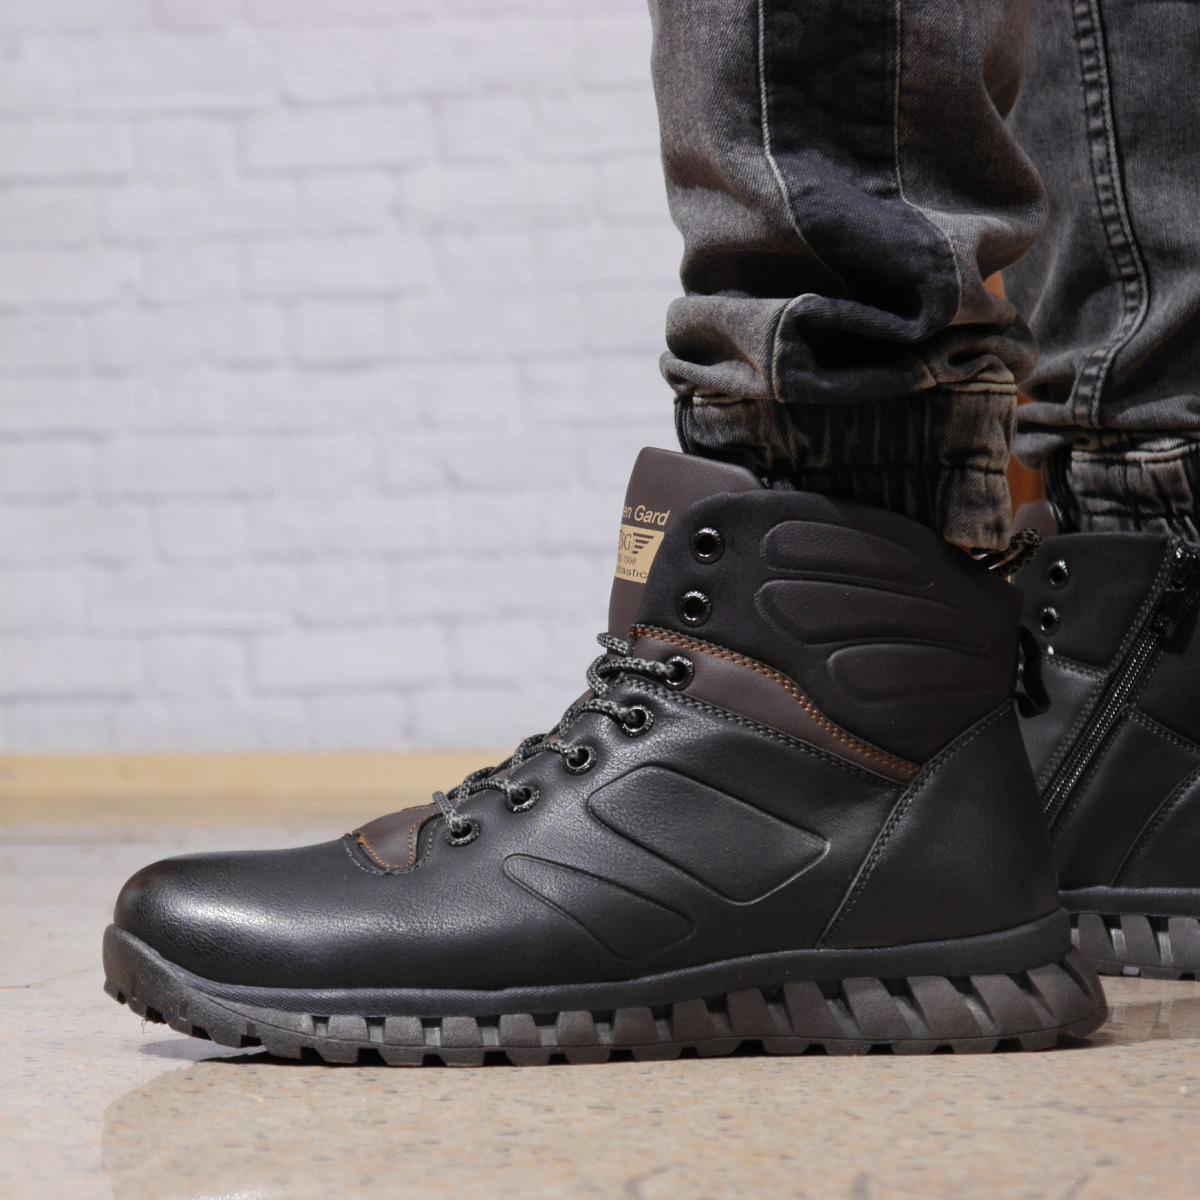 Зимние мужские ботинки 31882, SG (на меху, в коробке), черные, [ 40 41 42 43 44 45 ] р. 40-26,5см.